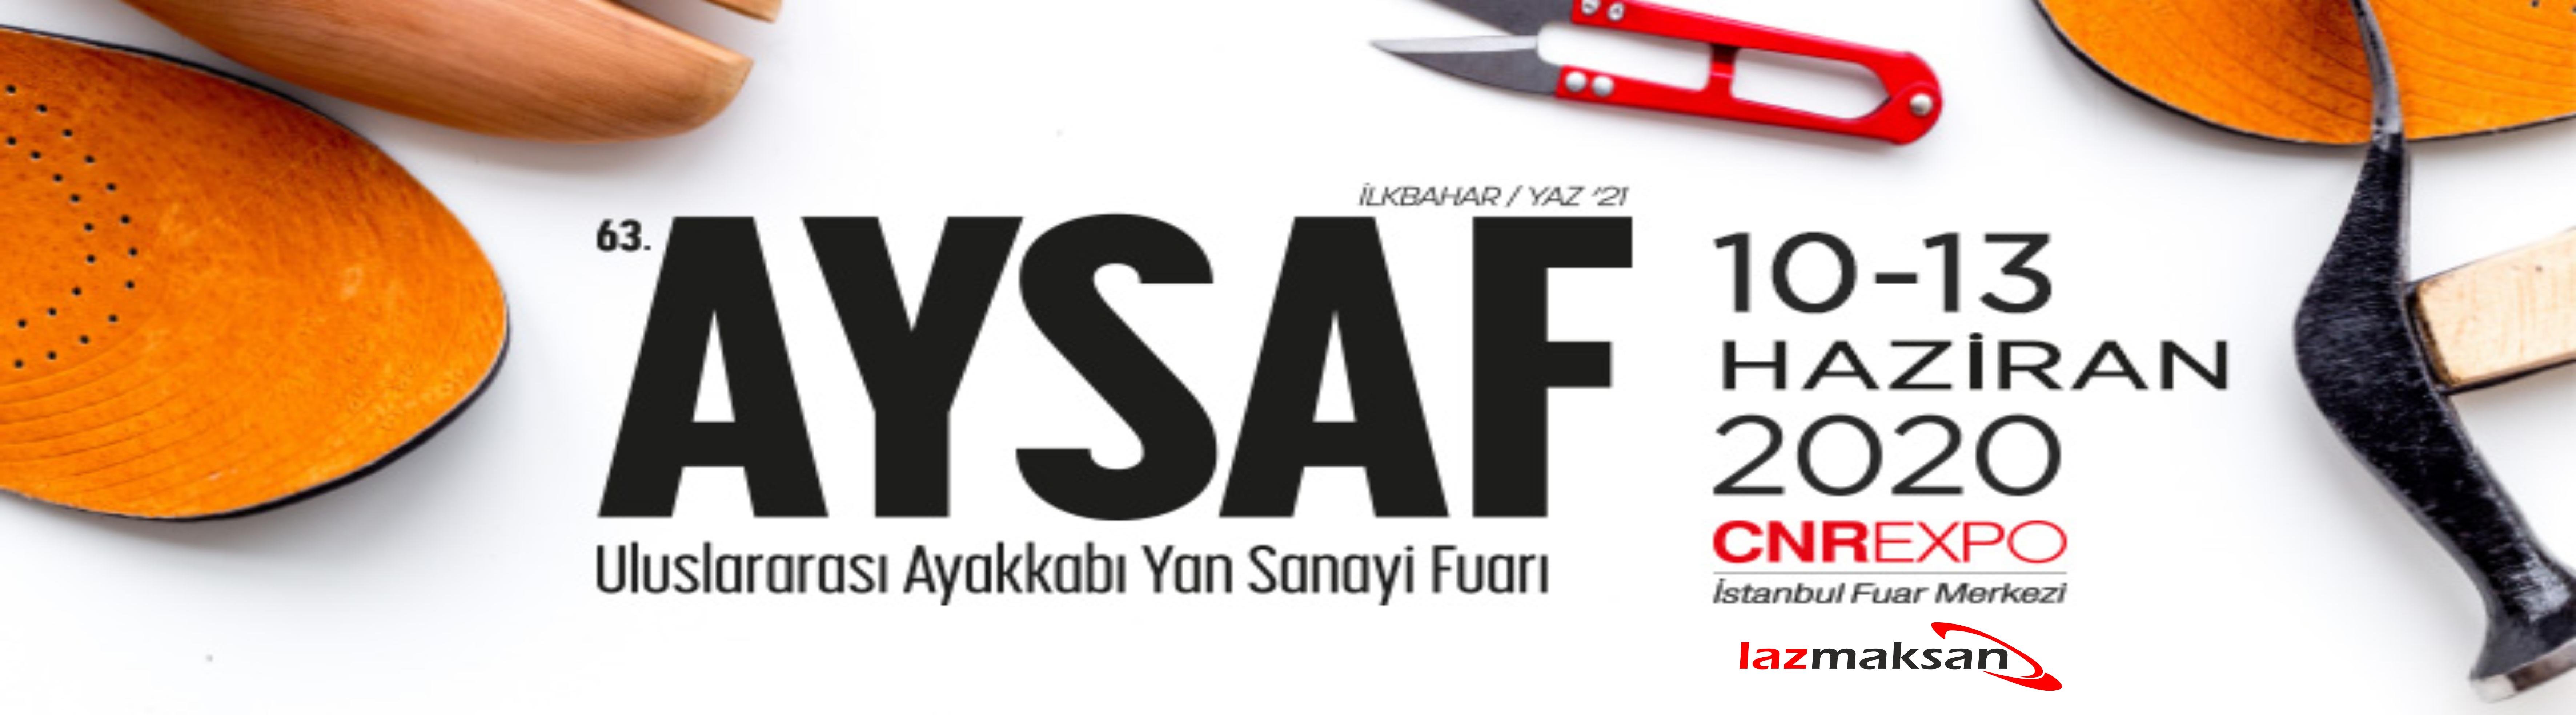 aysaf-63-slider-1